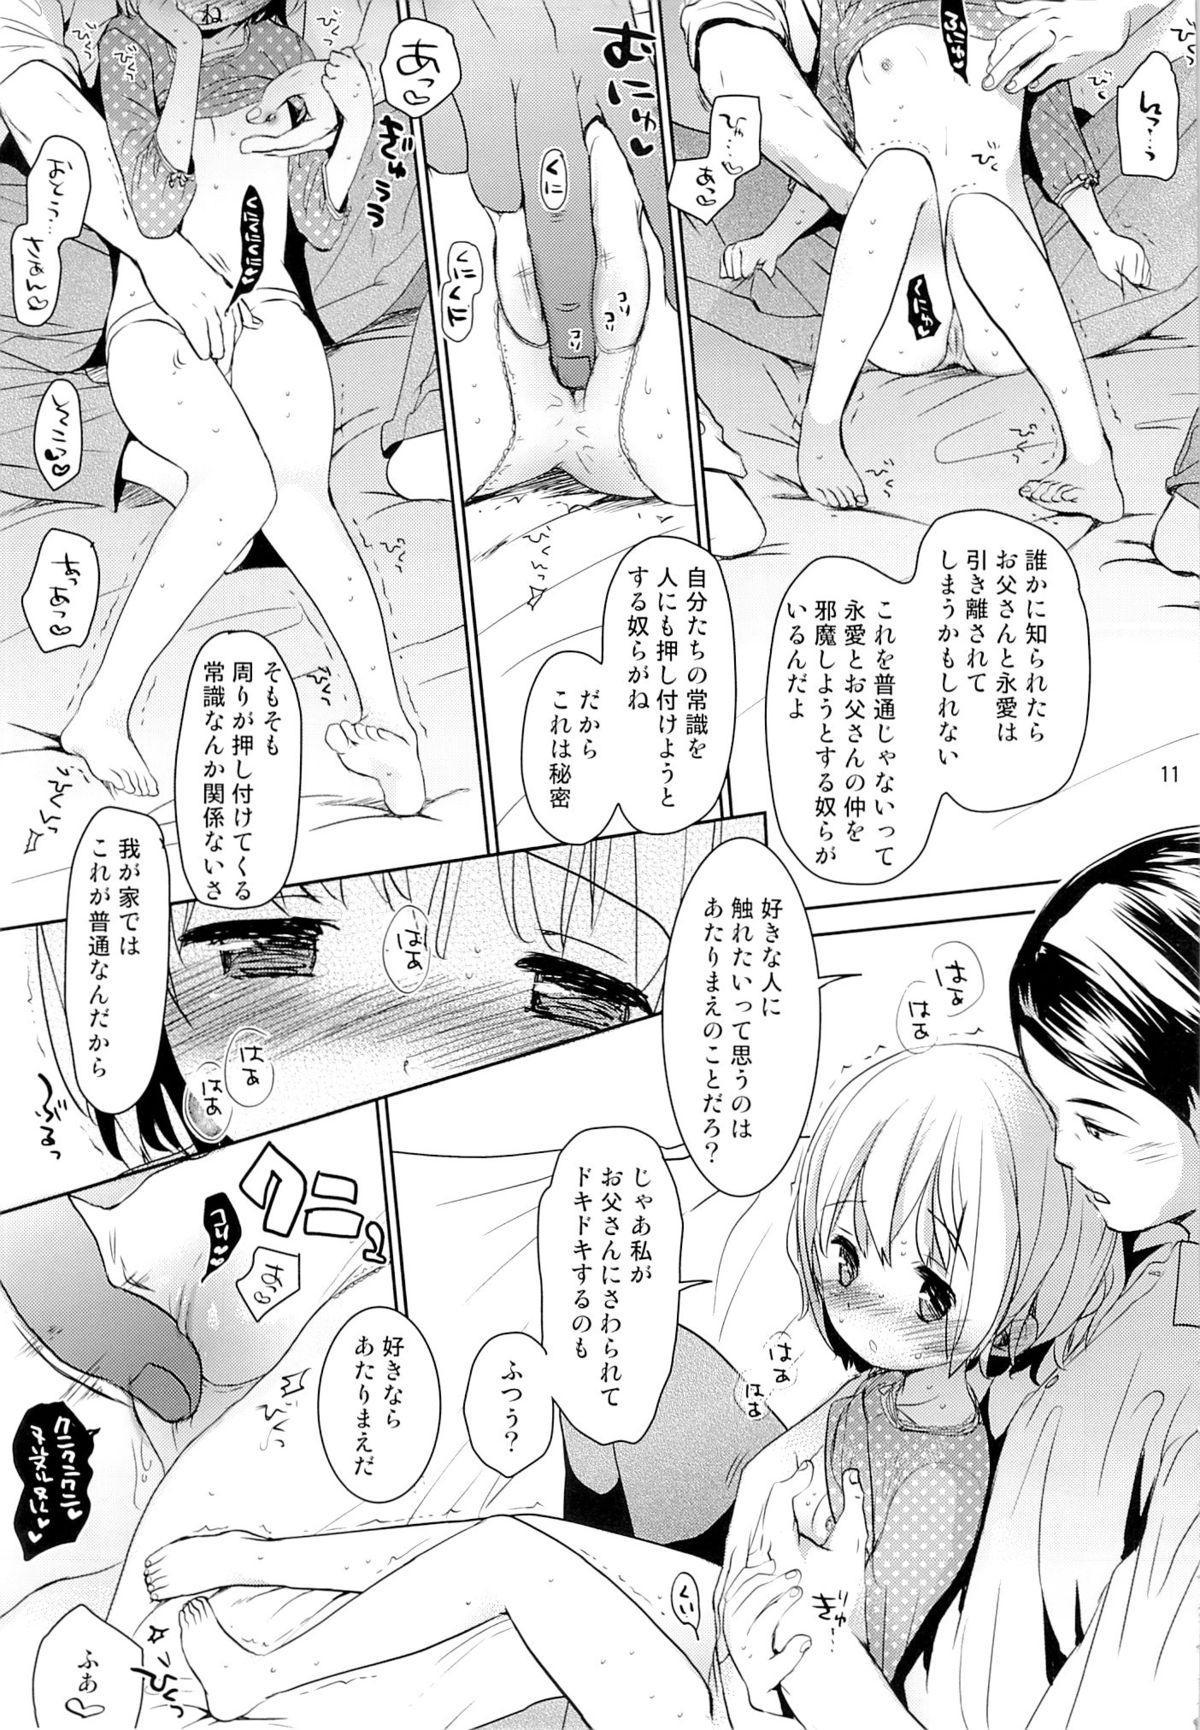 Musume no Seifuku 9